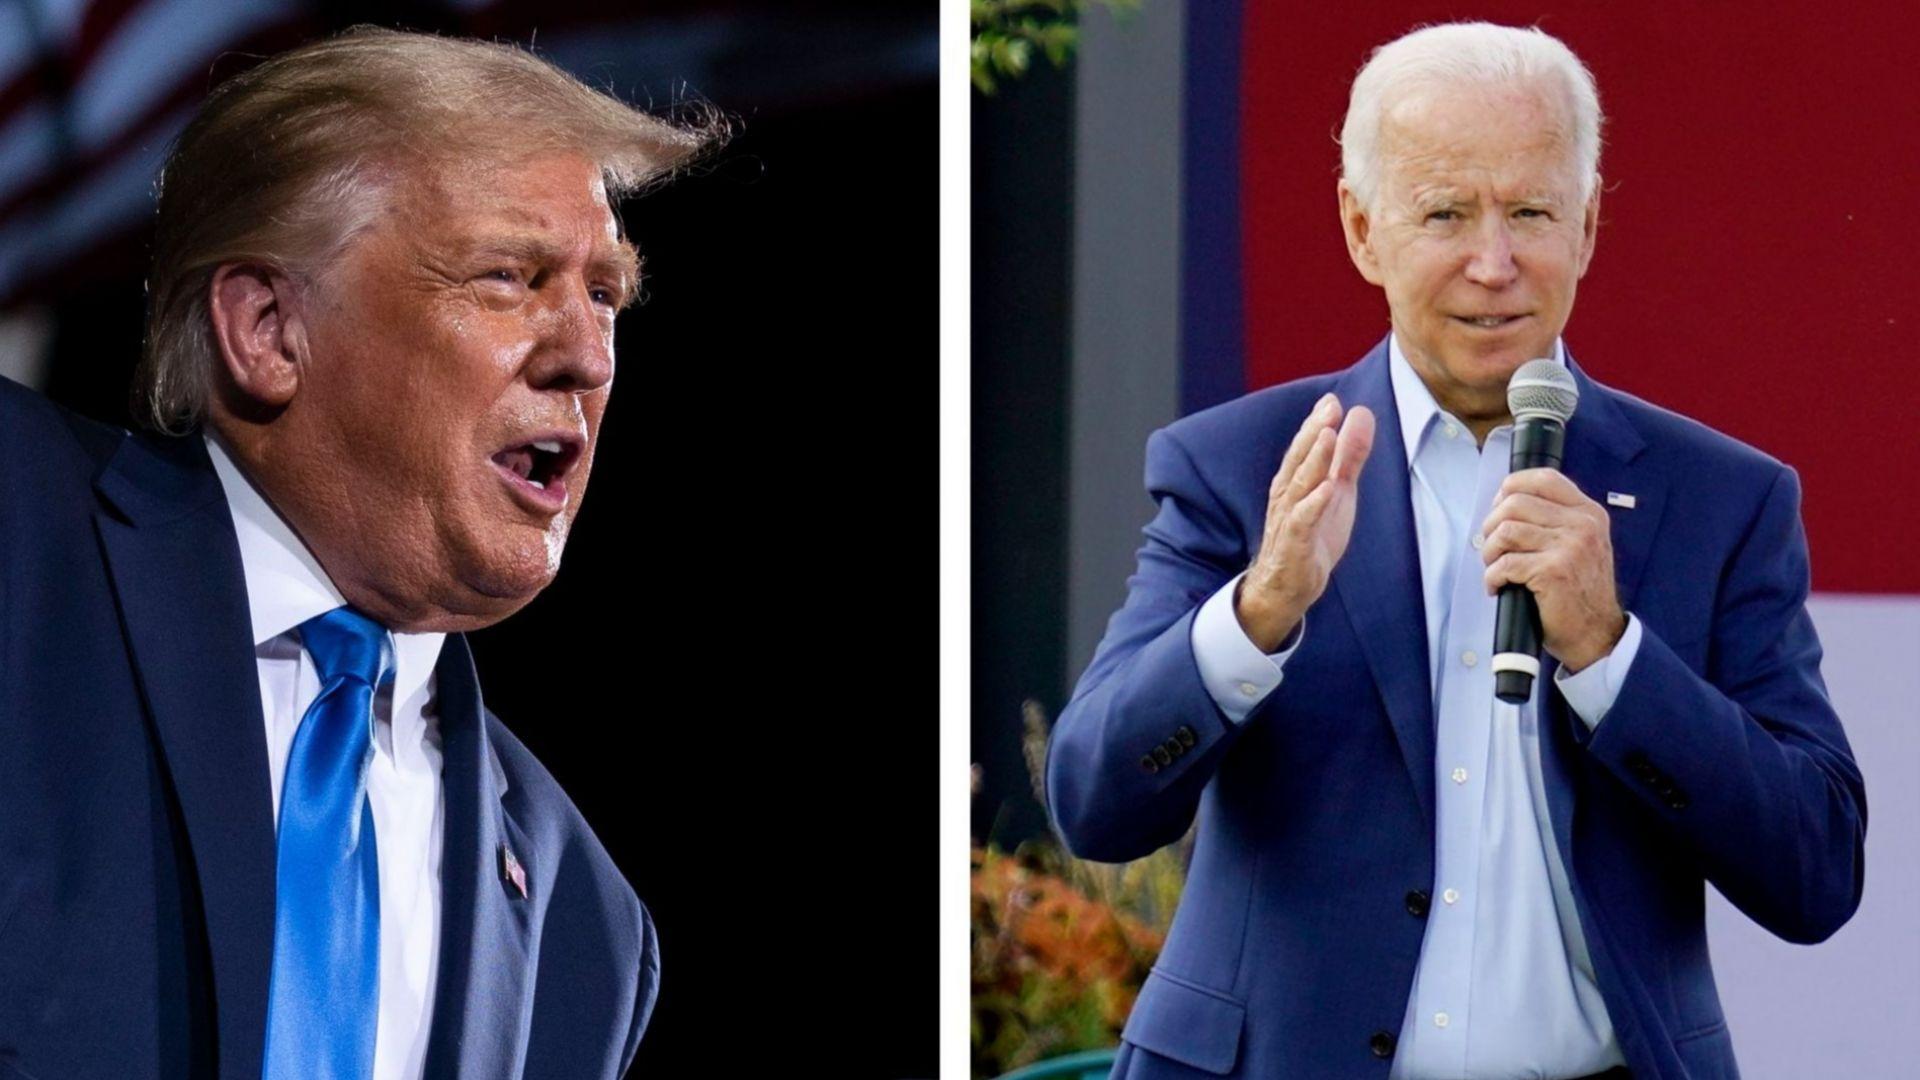 Прогнозни резултати: Тръмп побеждава съперника си Байдън в Аляска